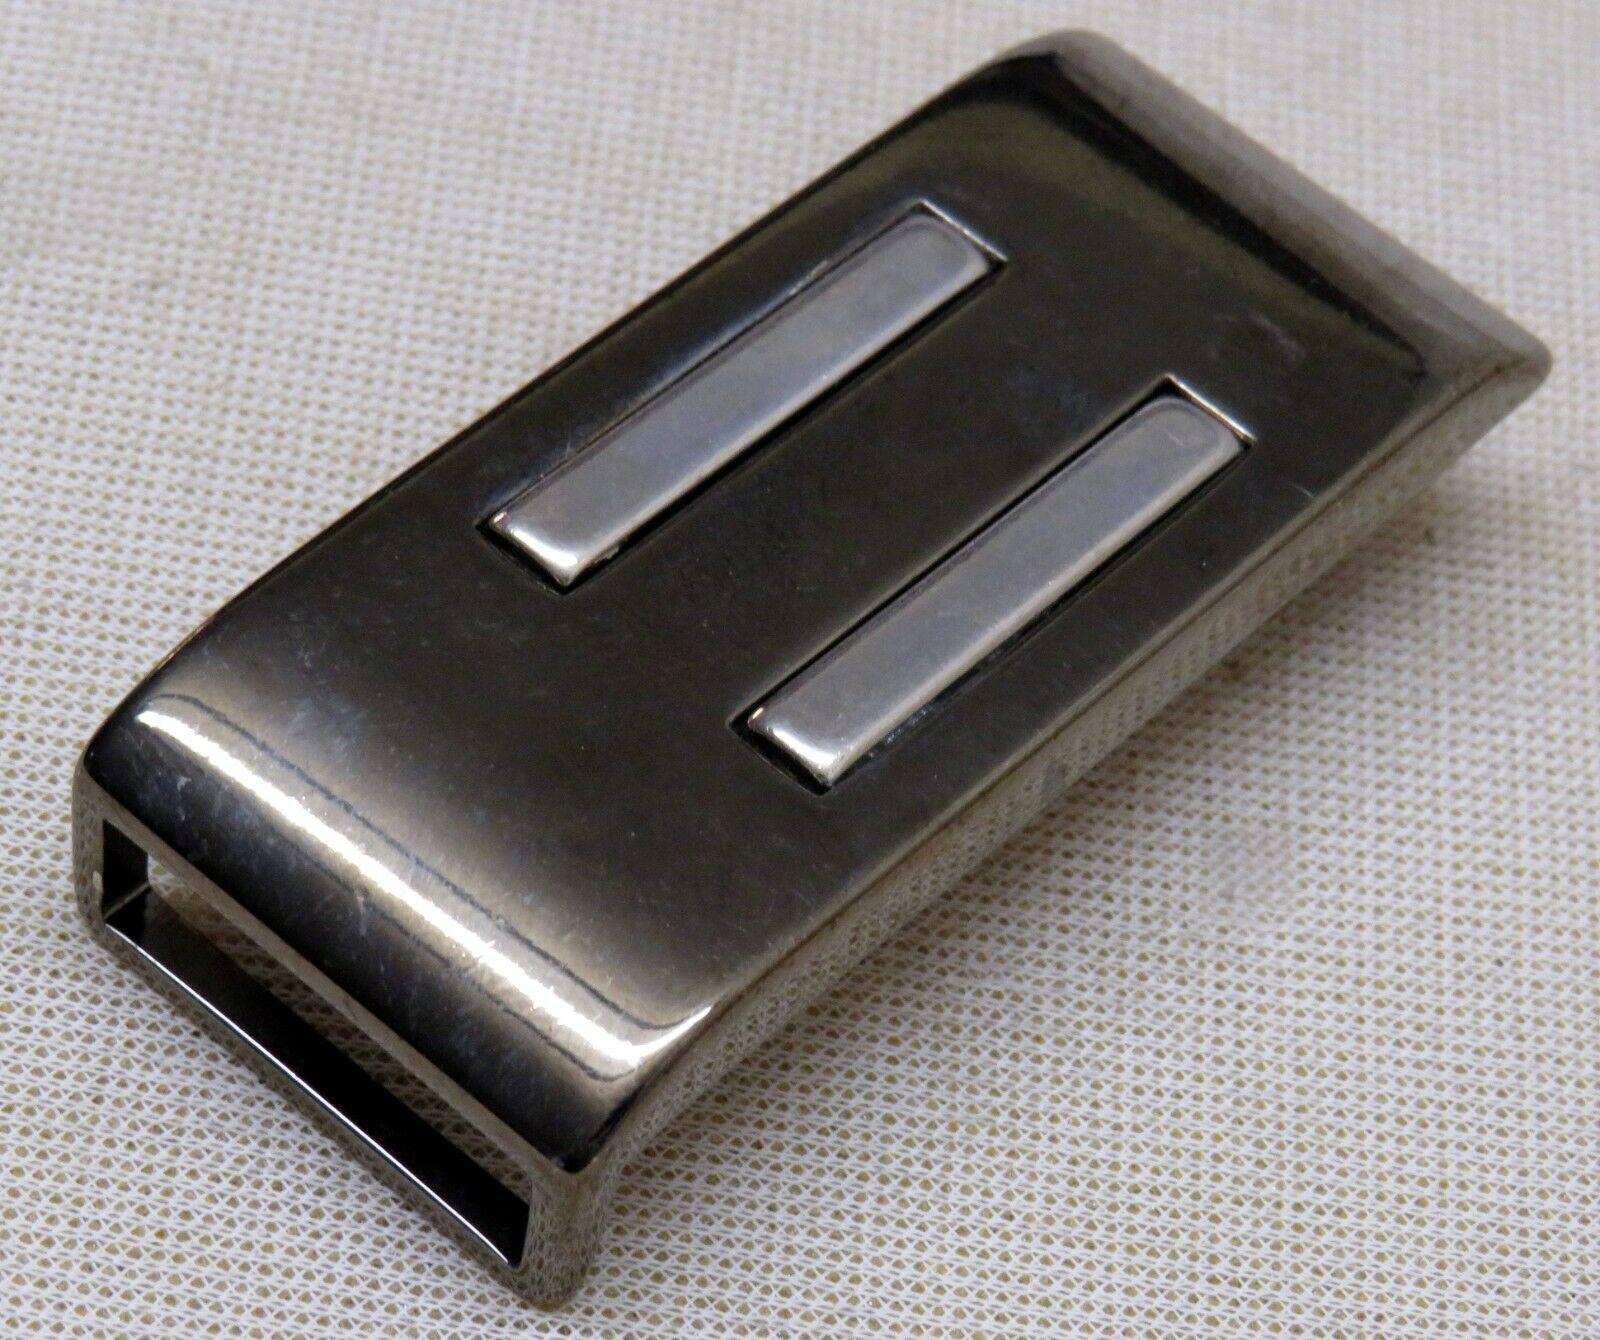 GÜRTELSCHNALLE Metall für 2,5cm breite GÜRTEL Elegant MATTSILBER/Schwarz Neu 1A#